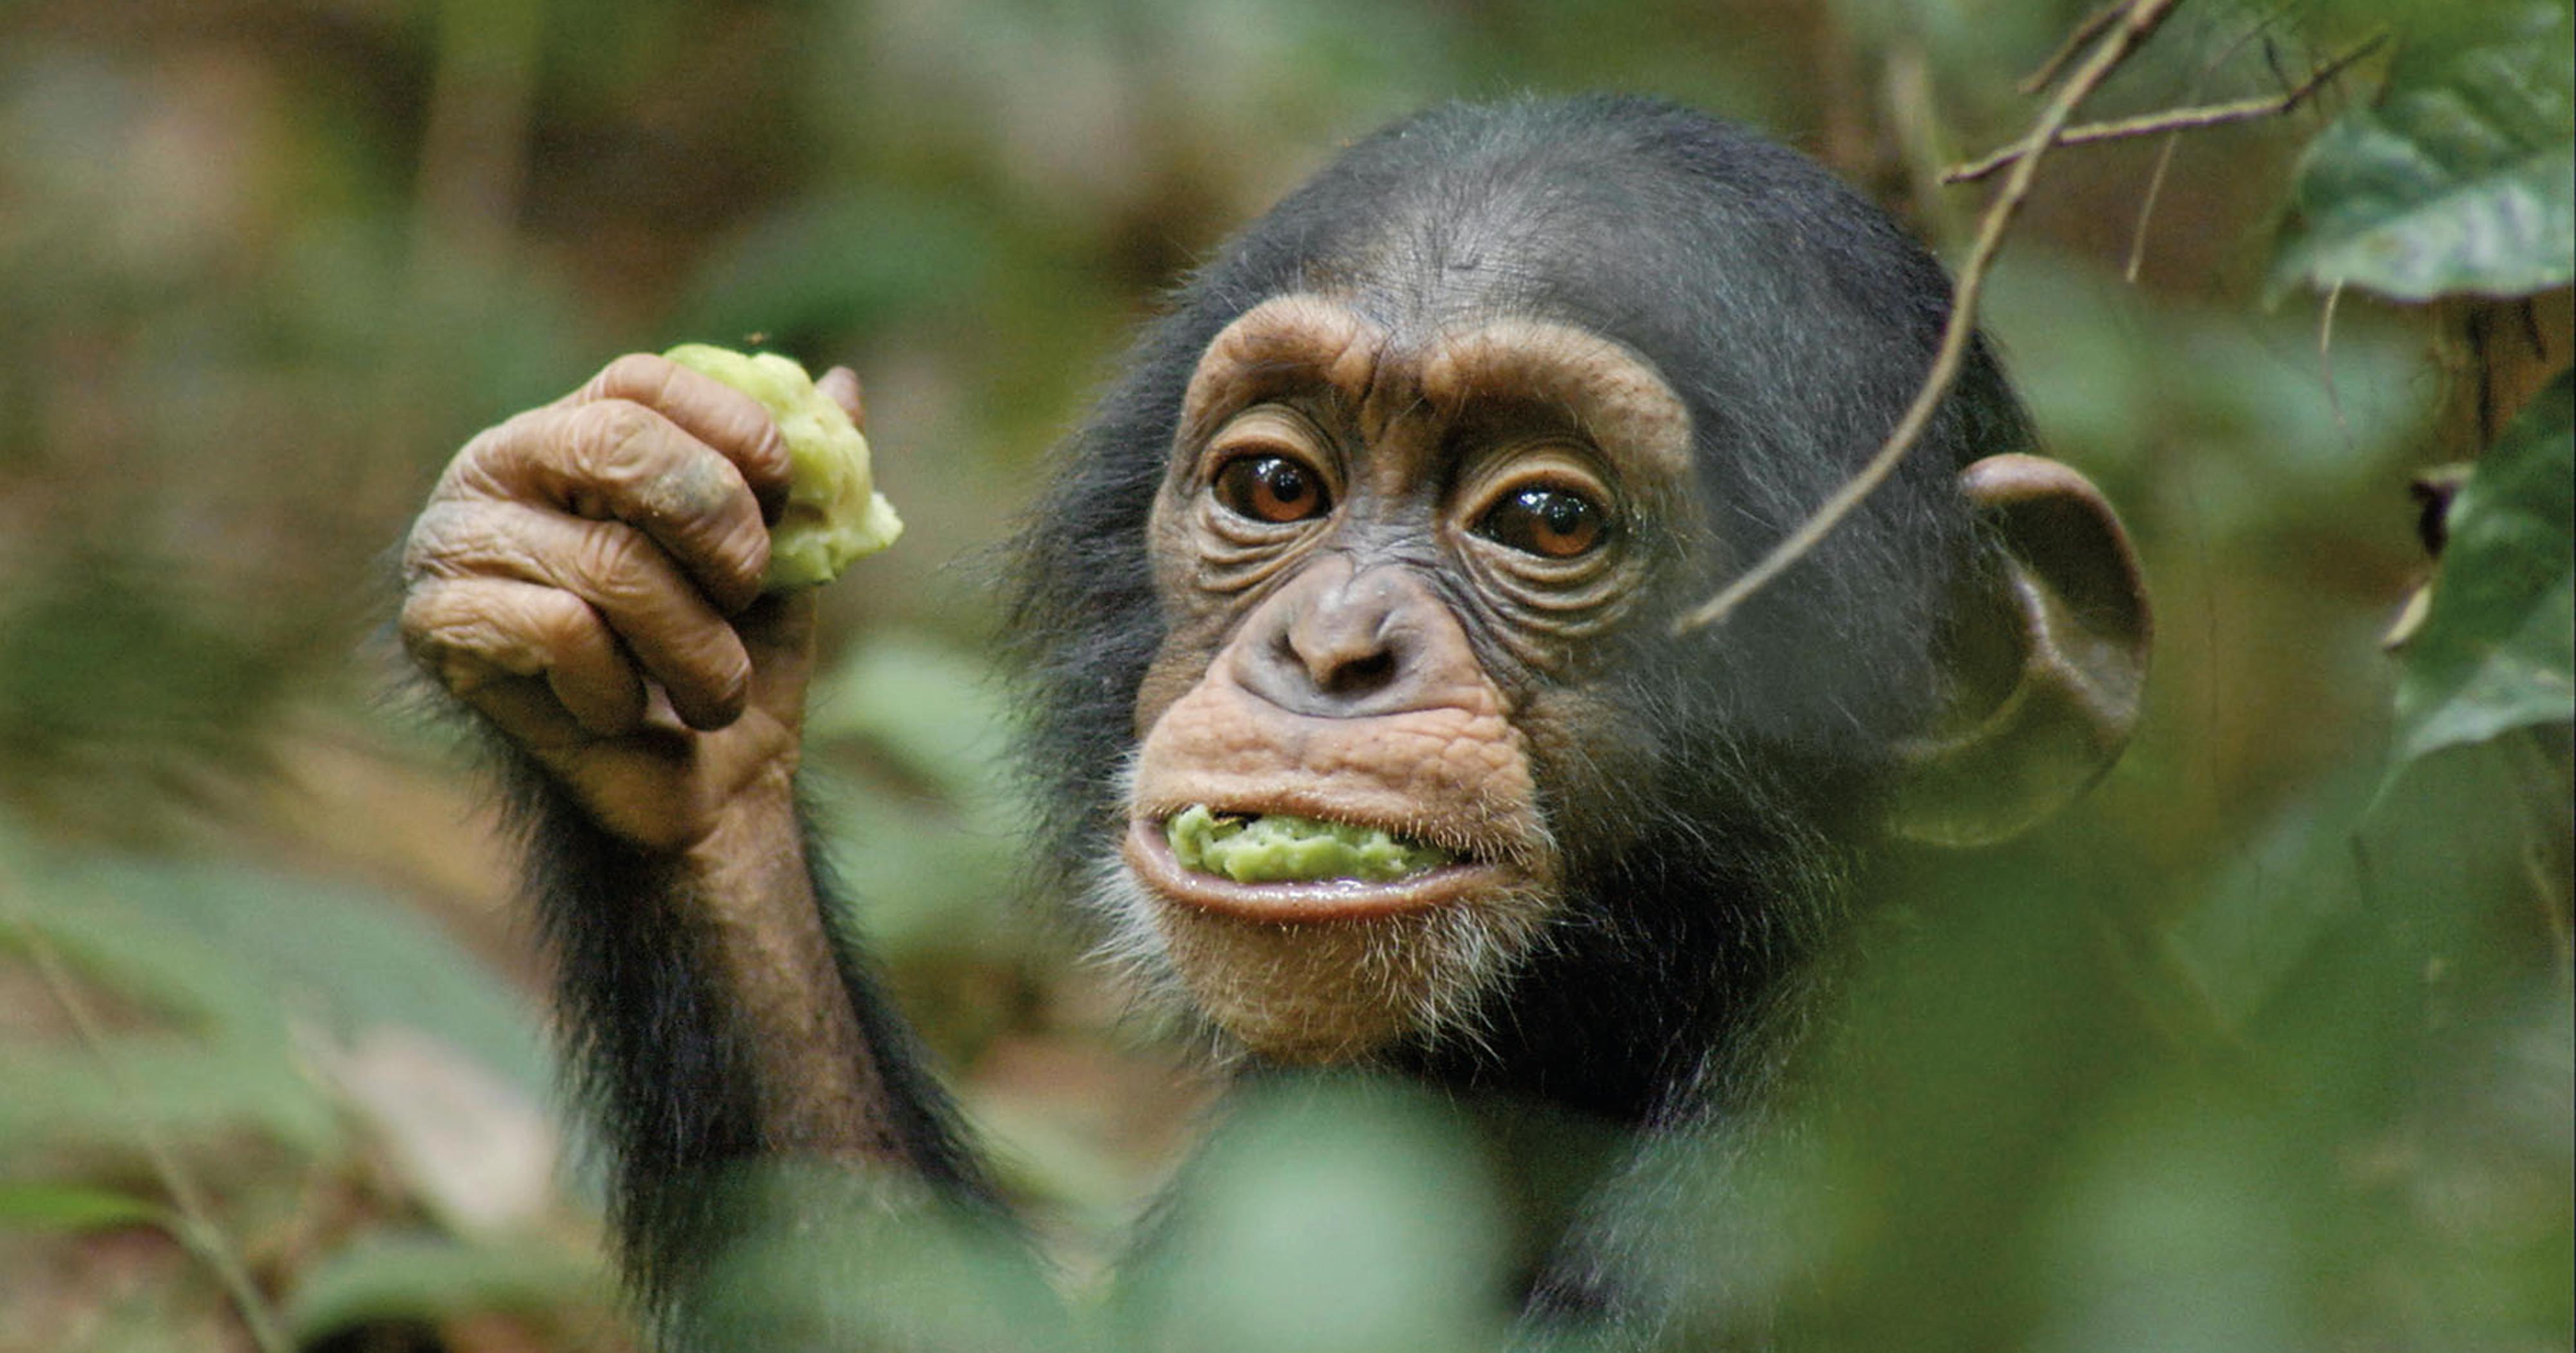 Ahoua ET chimpanzee